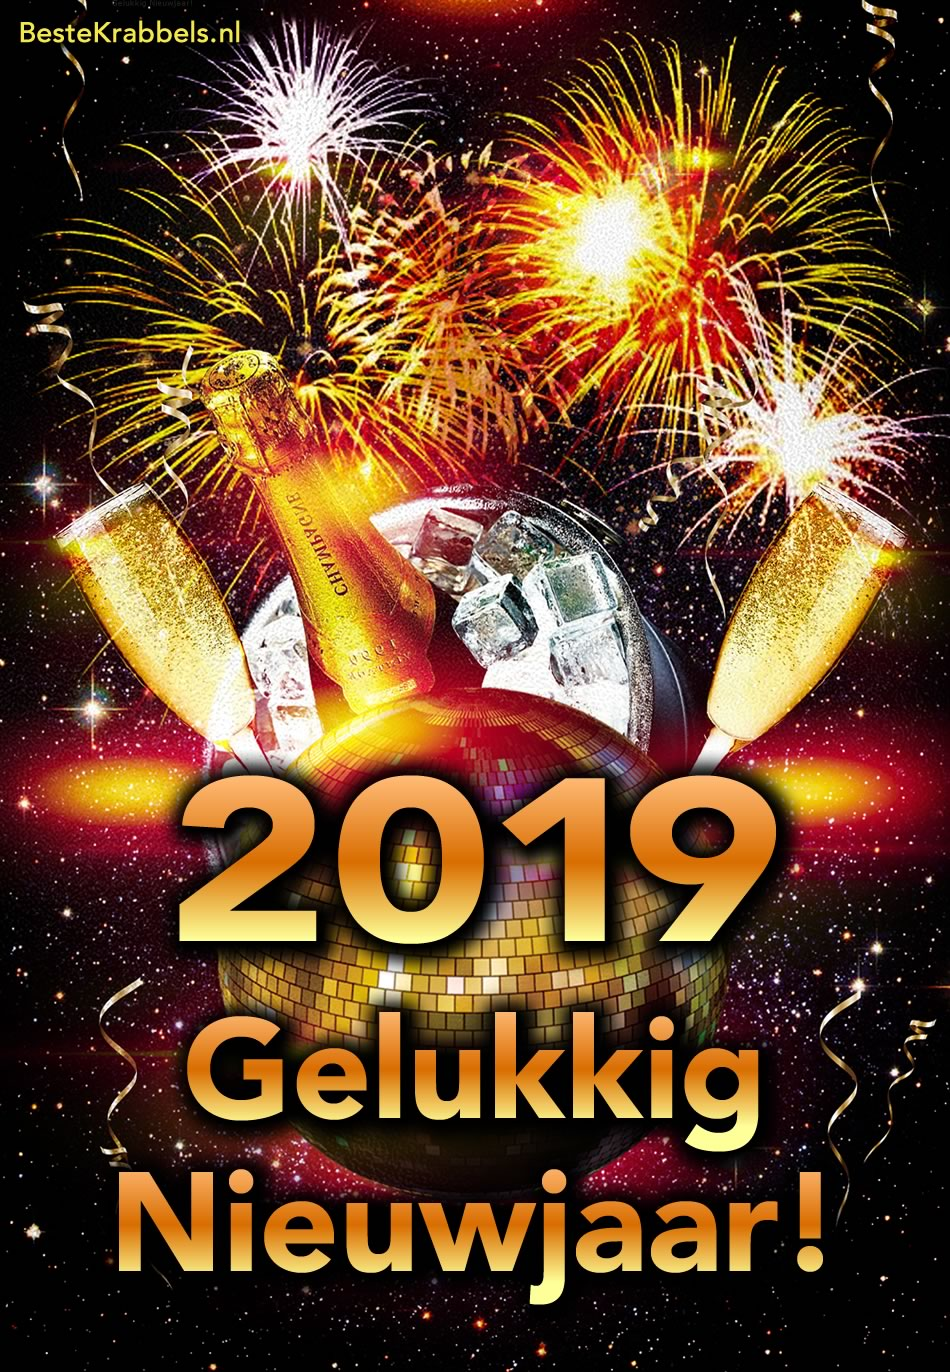 2019 Gelukkig Nieuwjaar!